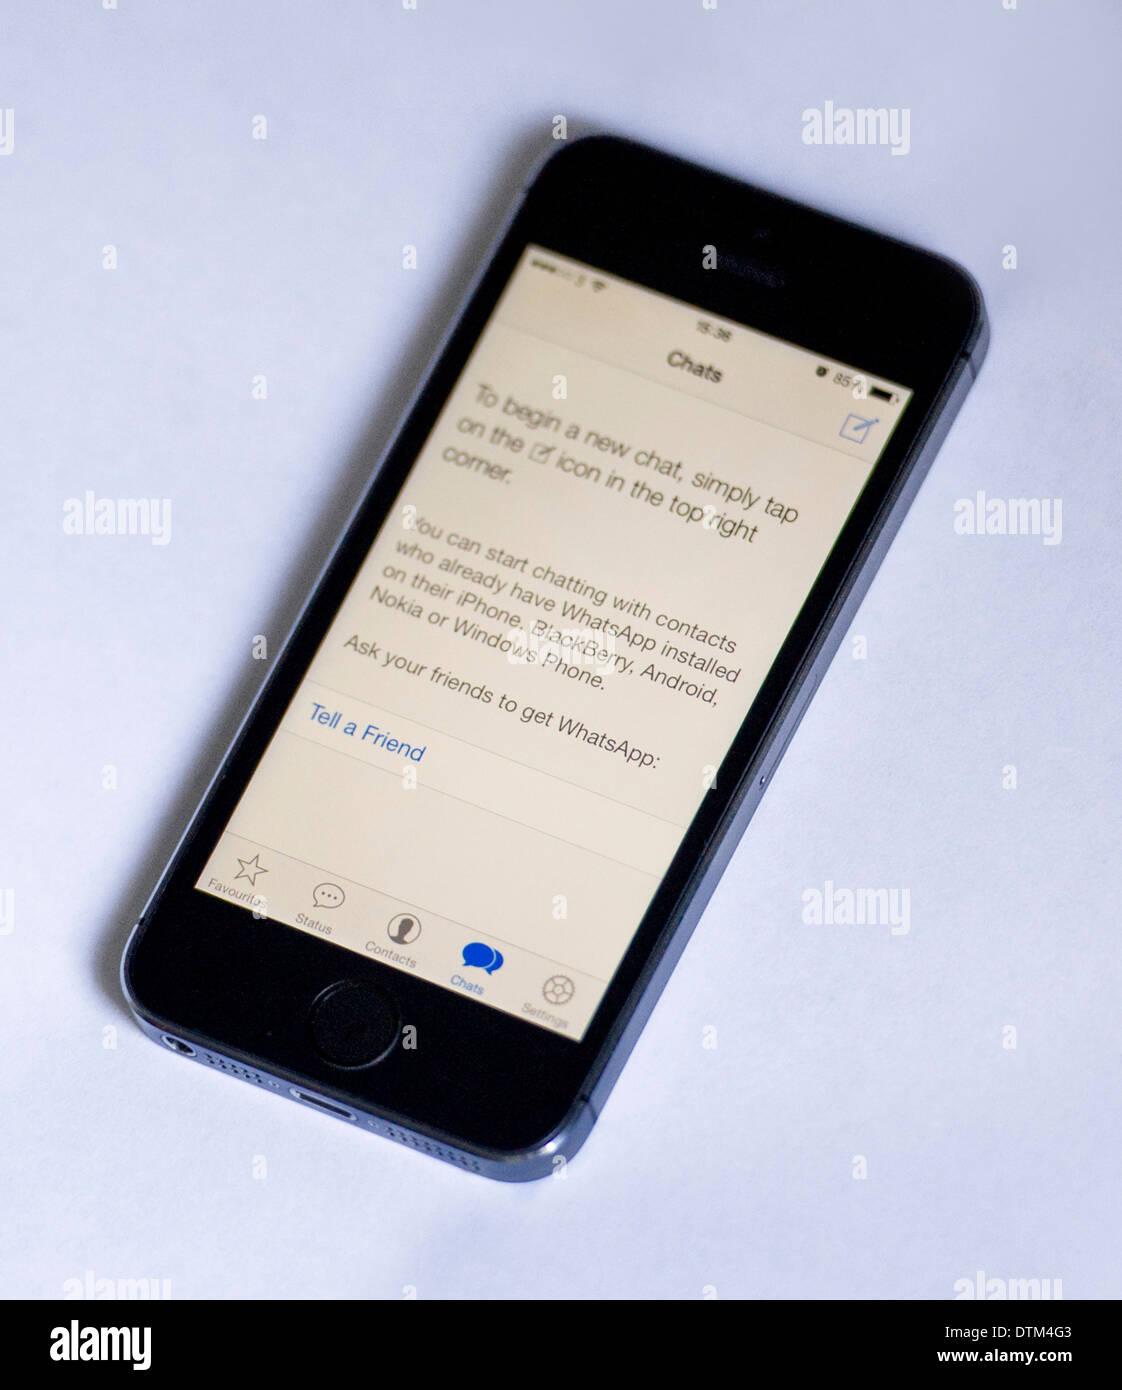 Ein iPhone 20 s auf weißem Hintergrund, zeigt die Whatsapp app ...